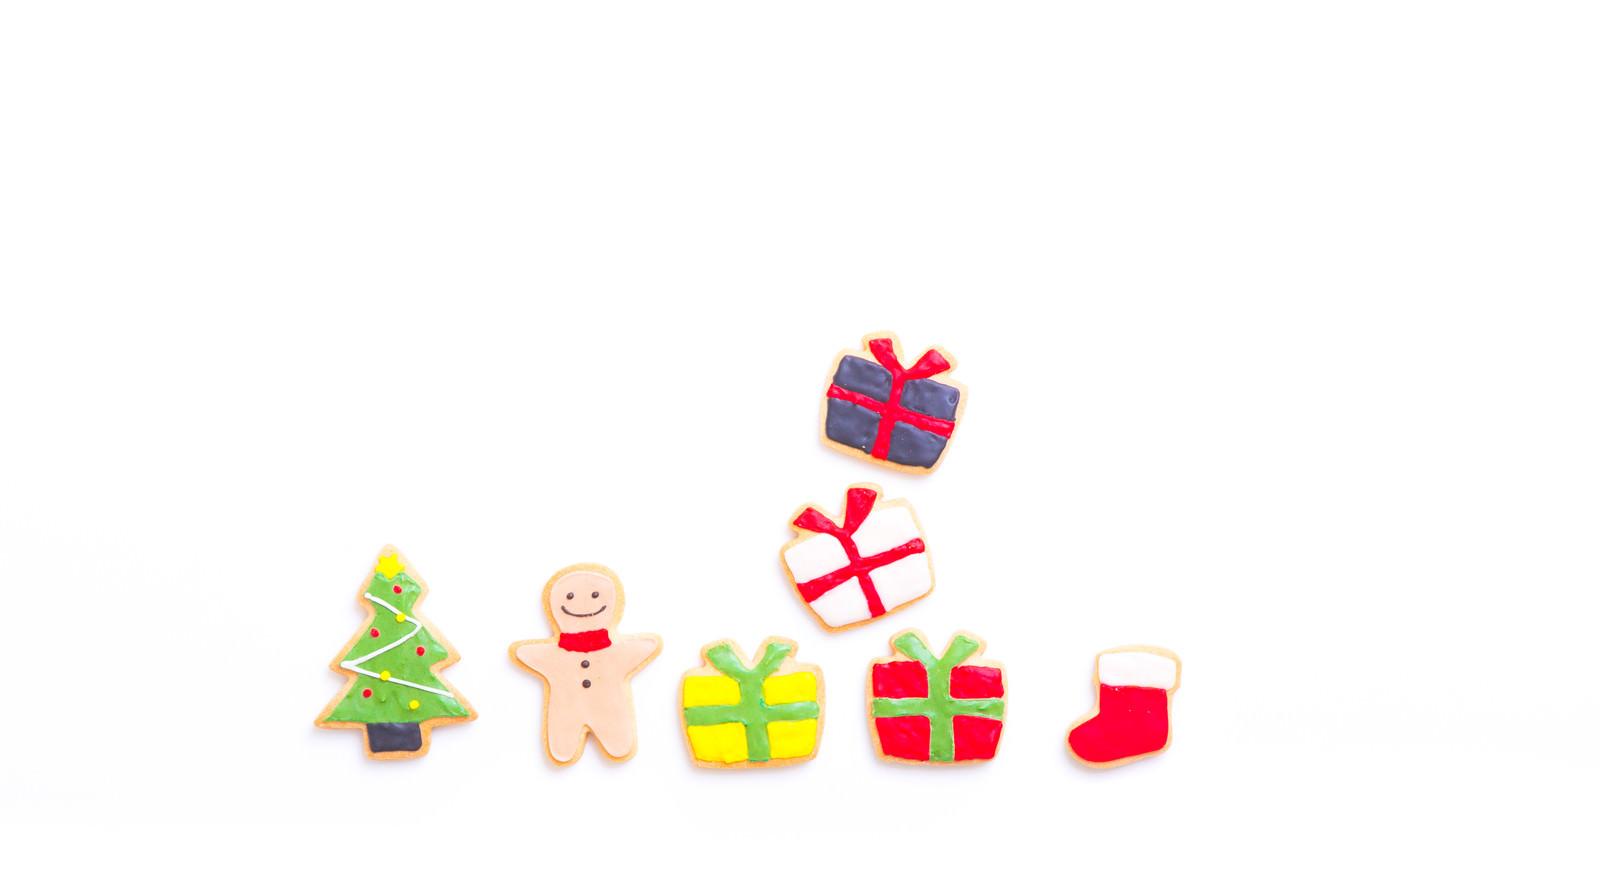 「サンタさんからのプレゼント(アイシングクッキー)」の写真